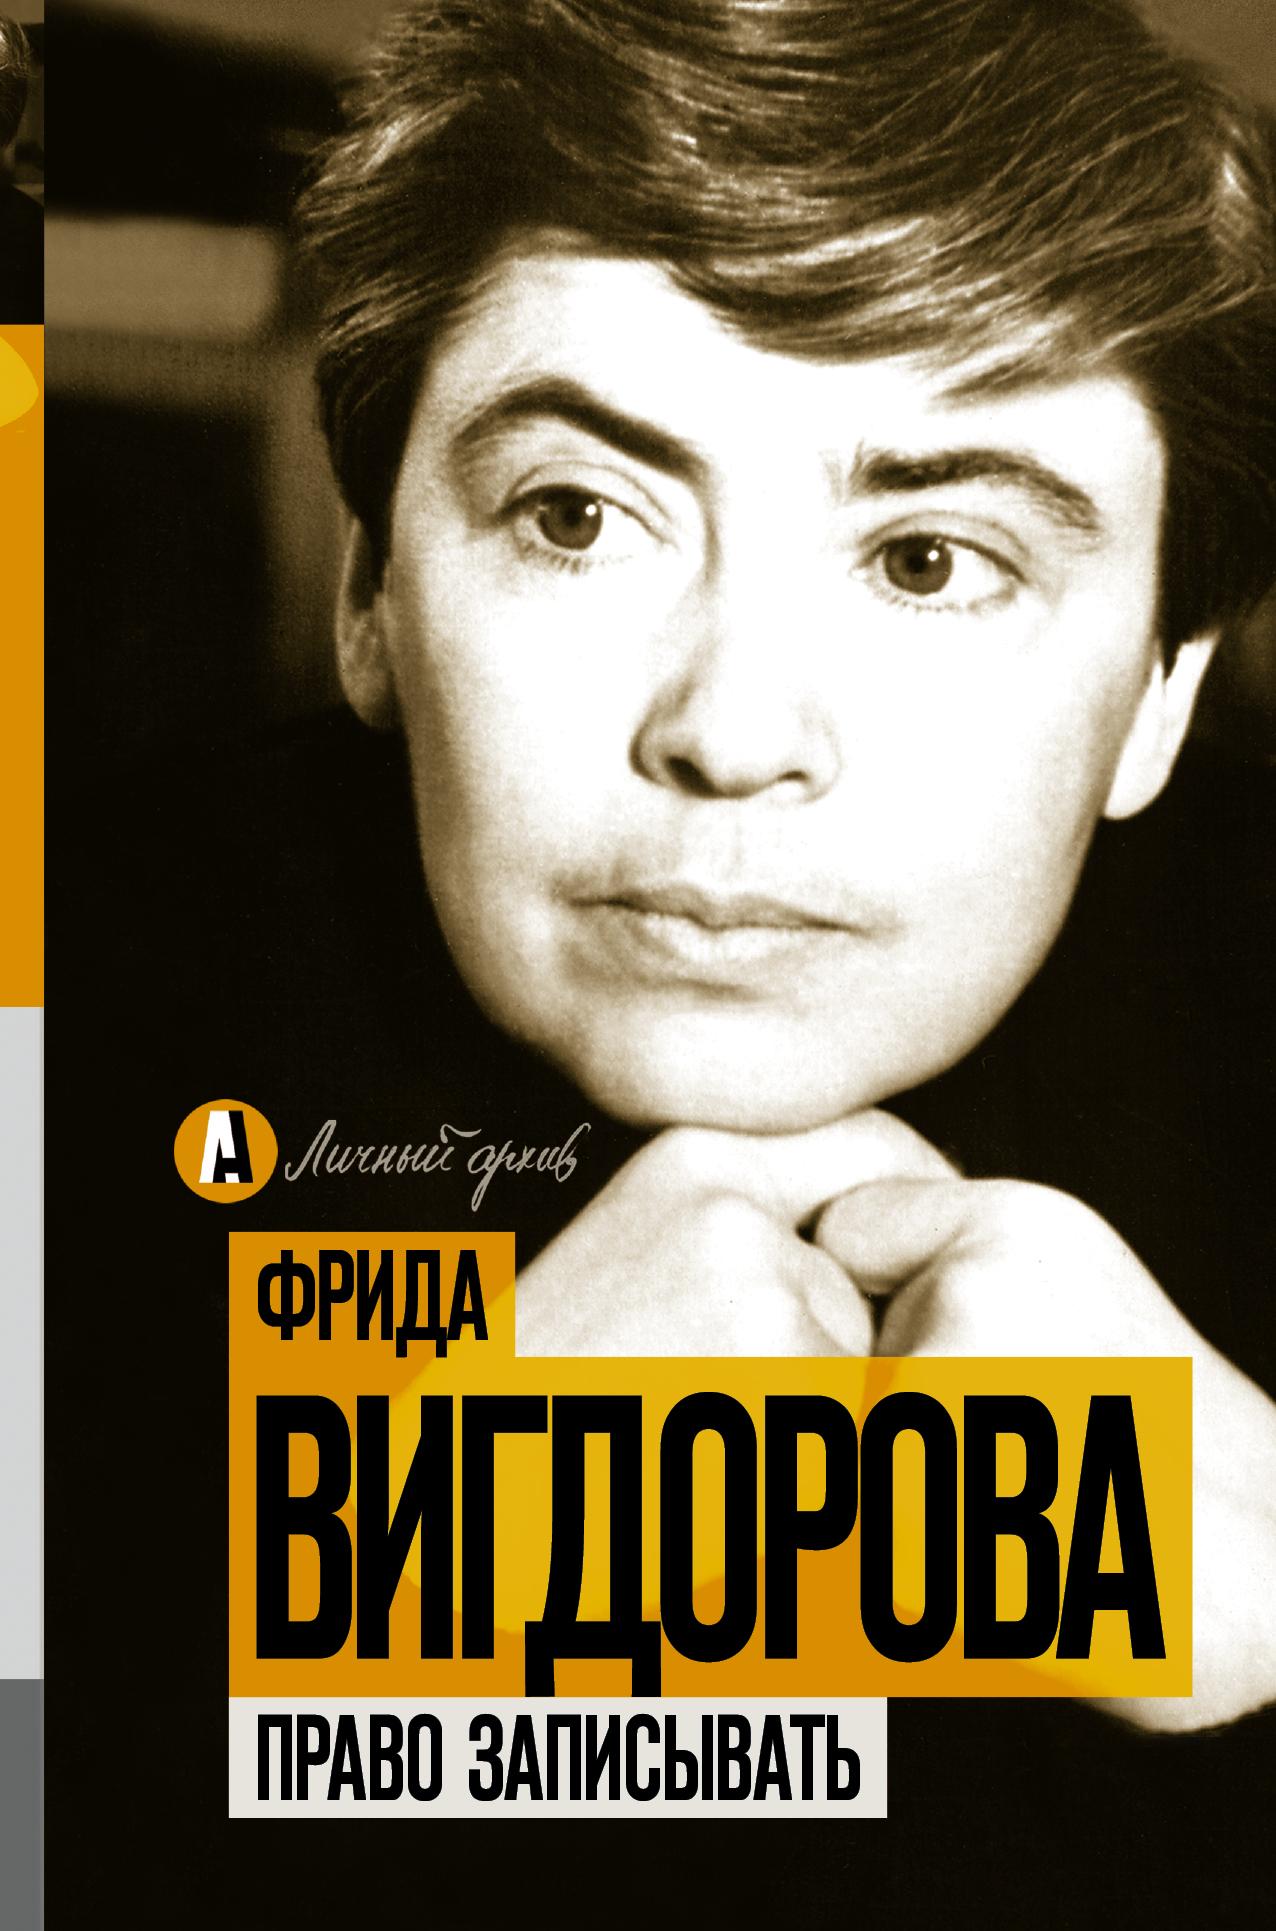 Вигдорова Фрида Абрамовна Право записывать